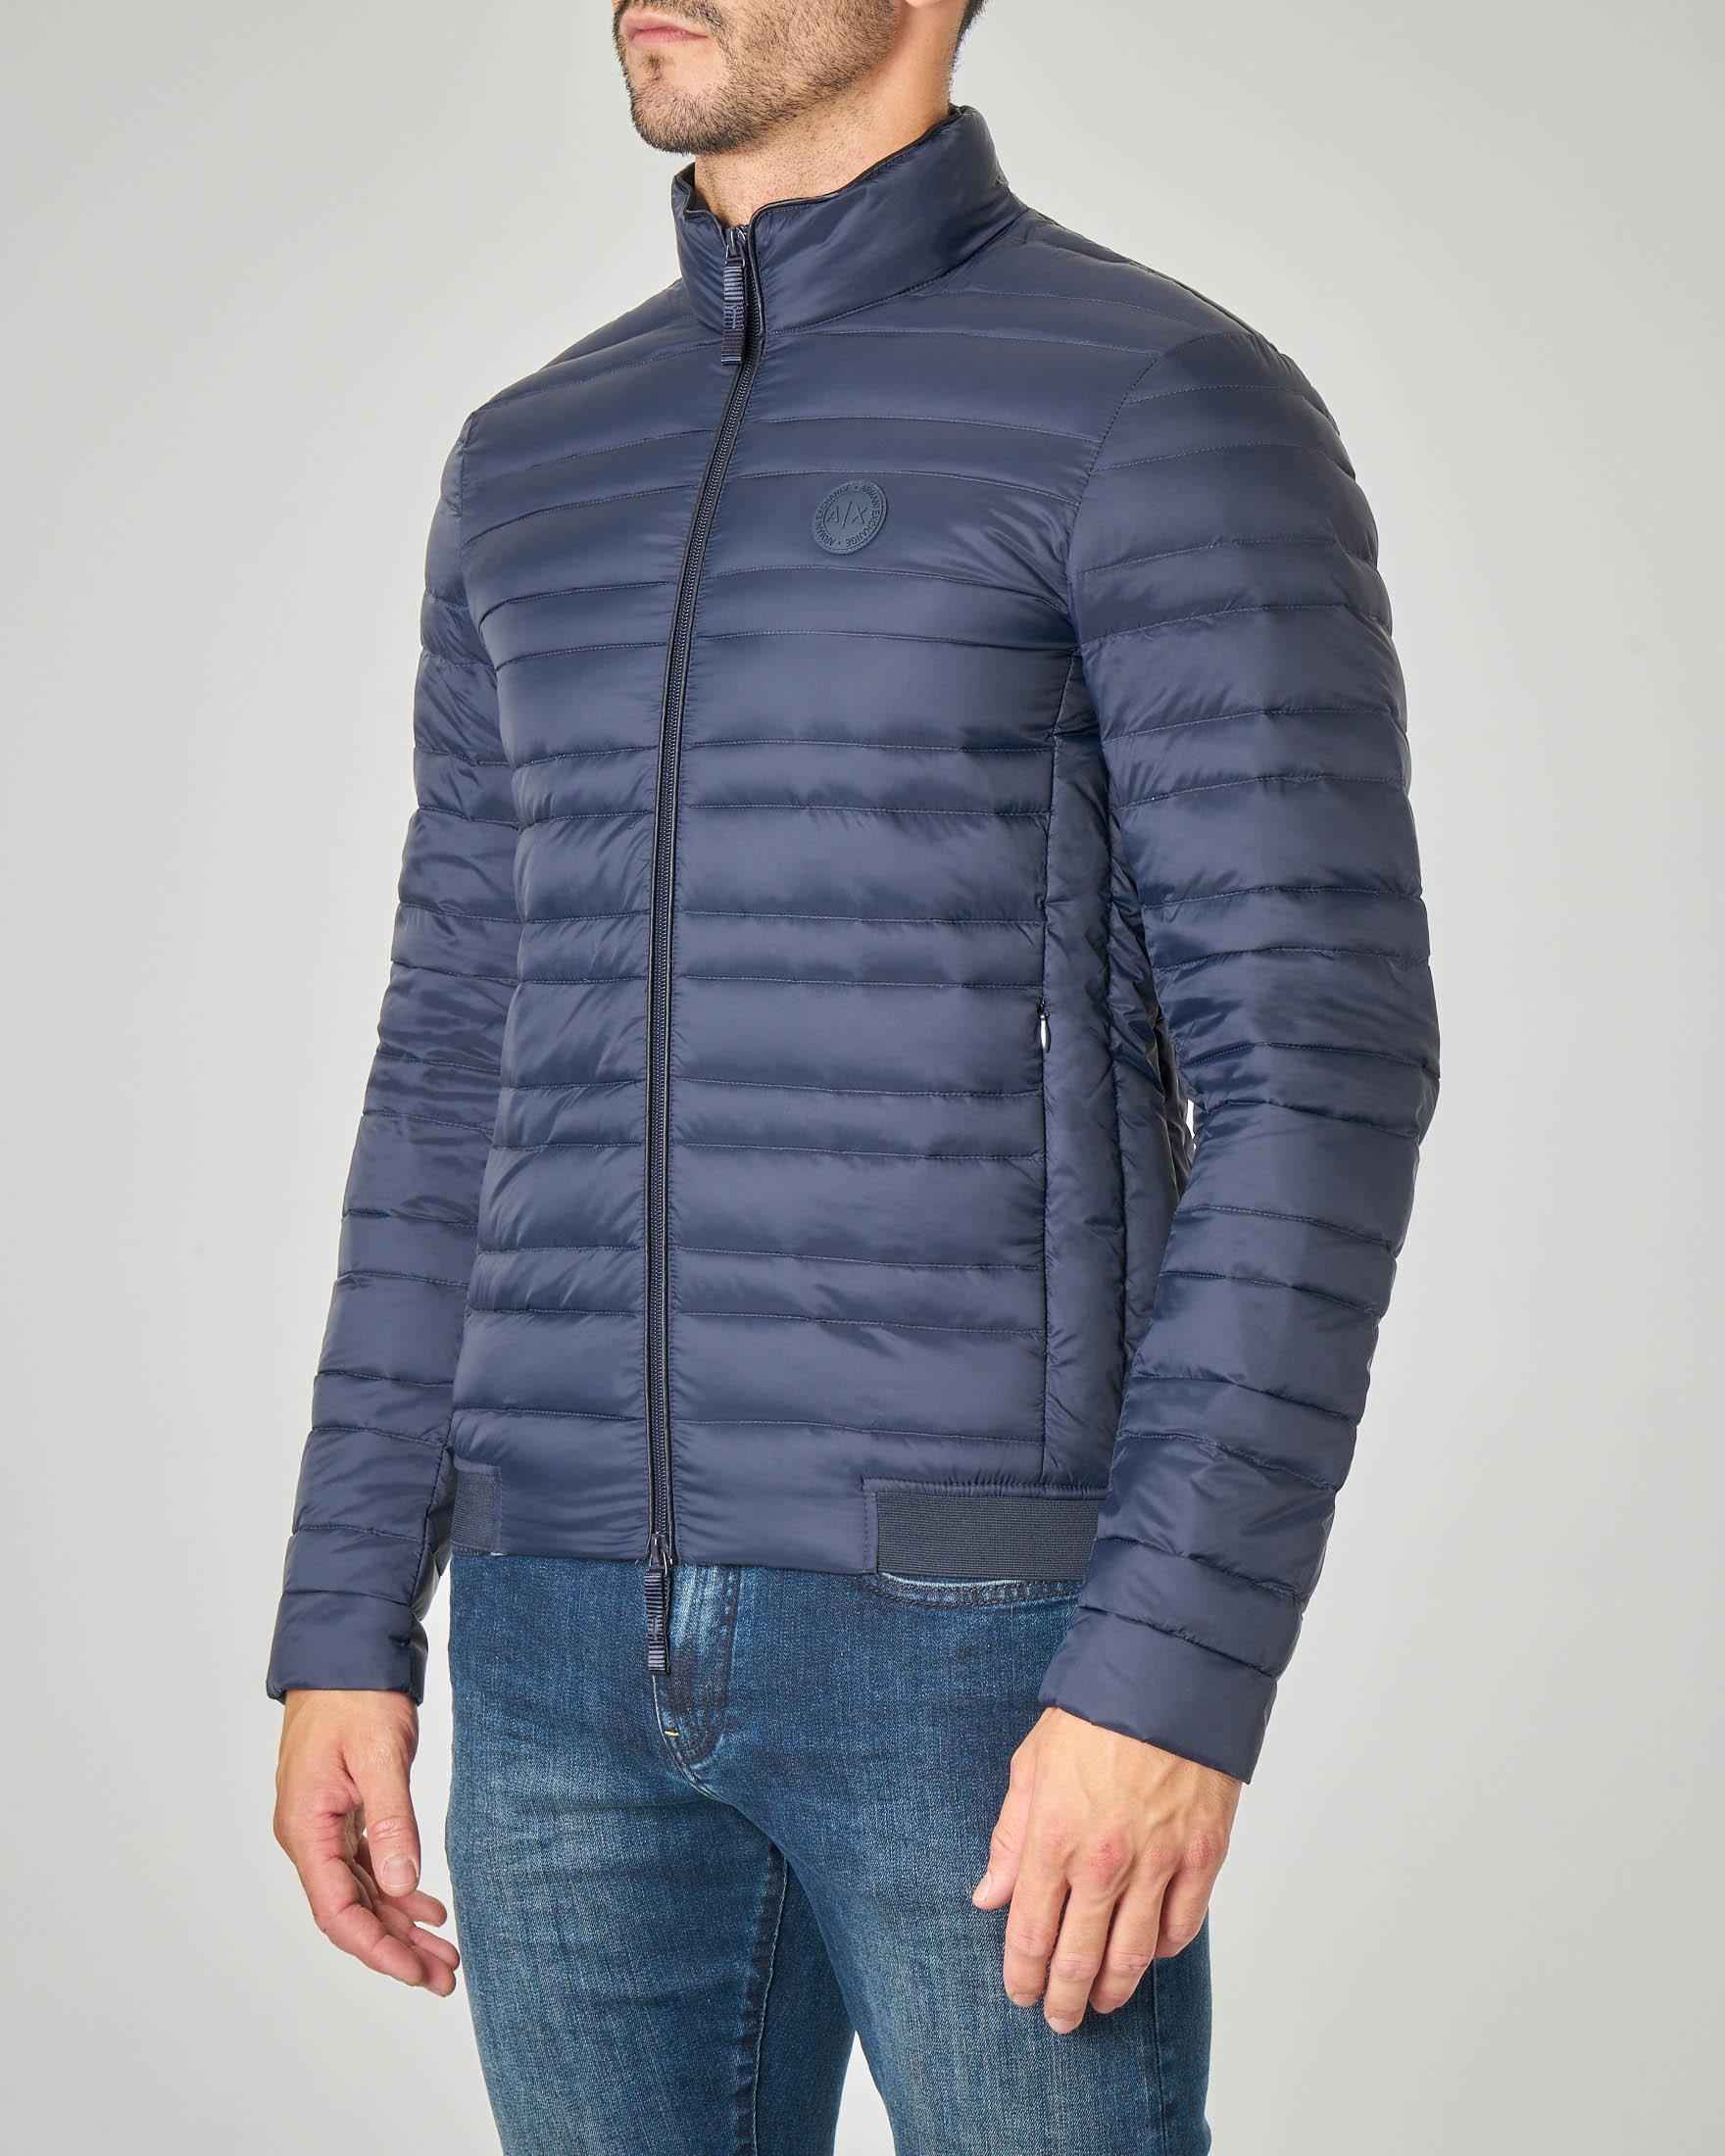 Piumino blu senza cappuccio con elastico logato in vita